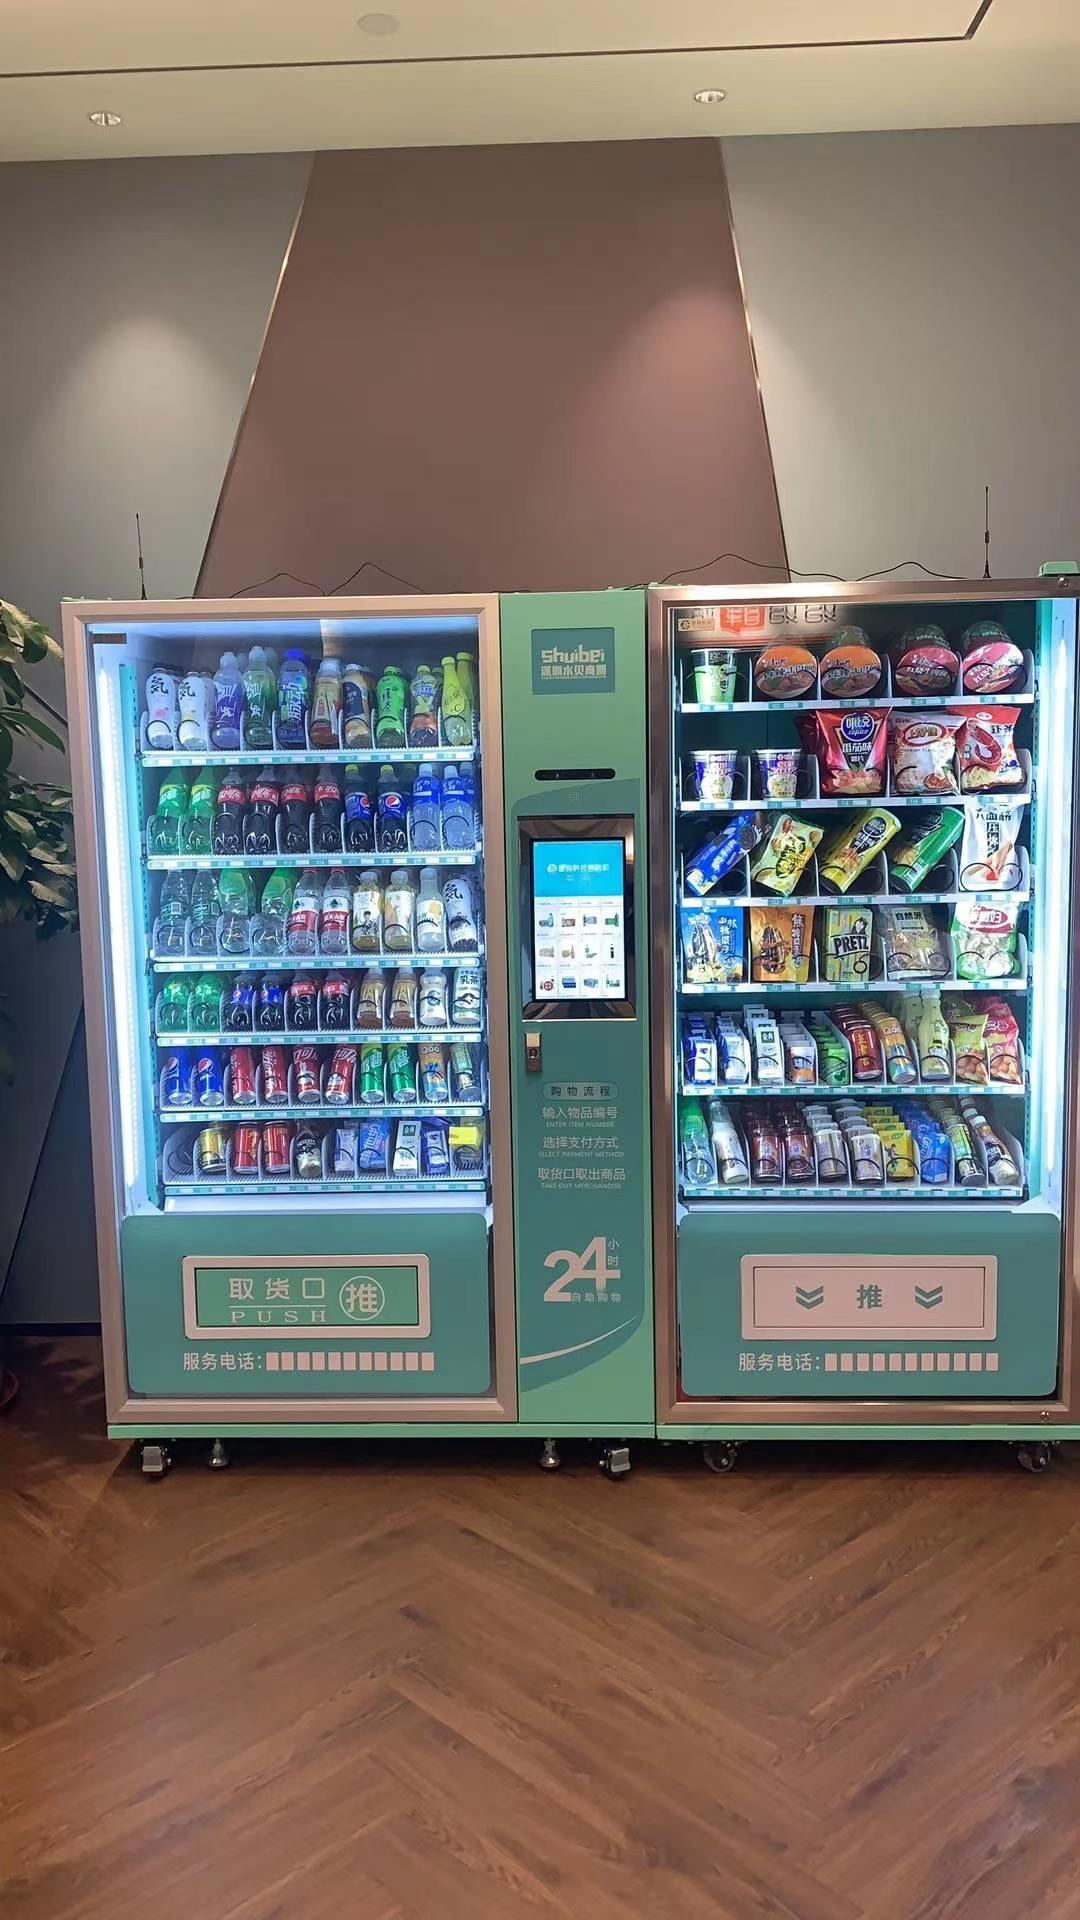 自动售货机的日常管理有哪些?